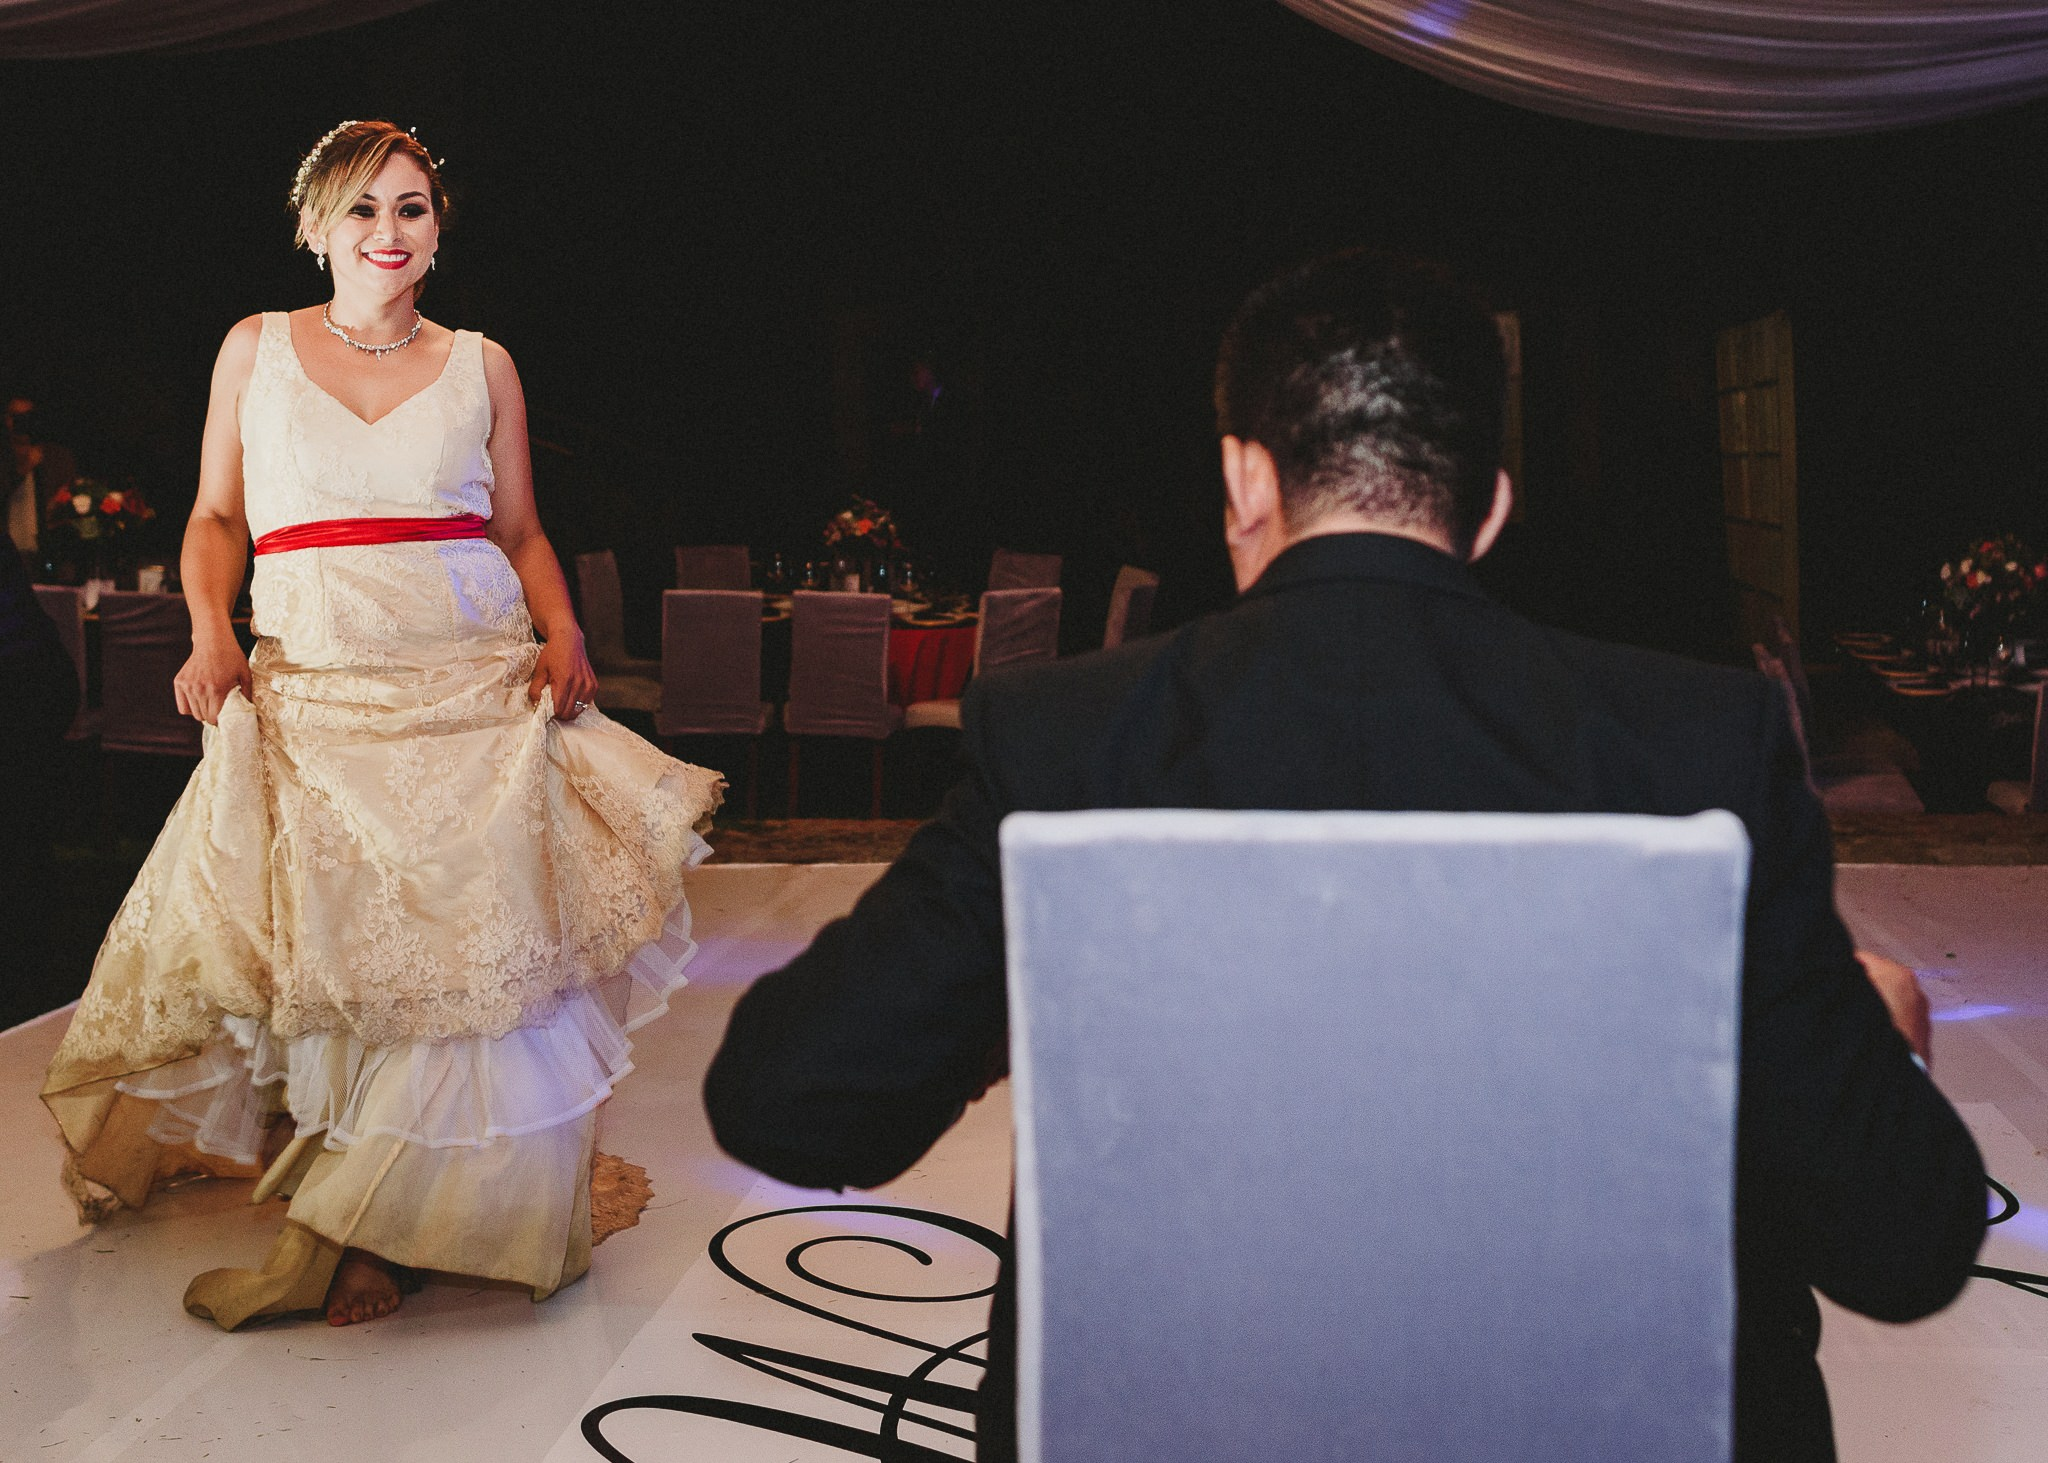 03boda-en-jardin-wedding-hacienda-los-cuartos-fotografo-luis-houdin111